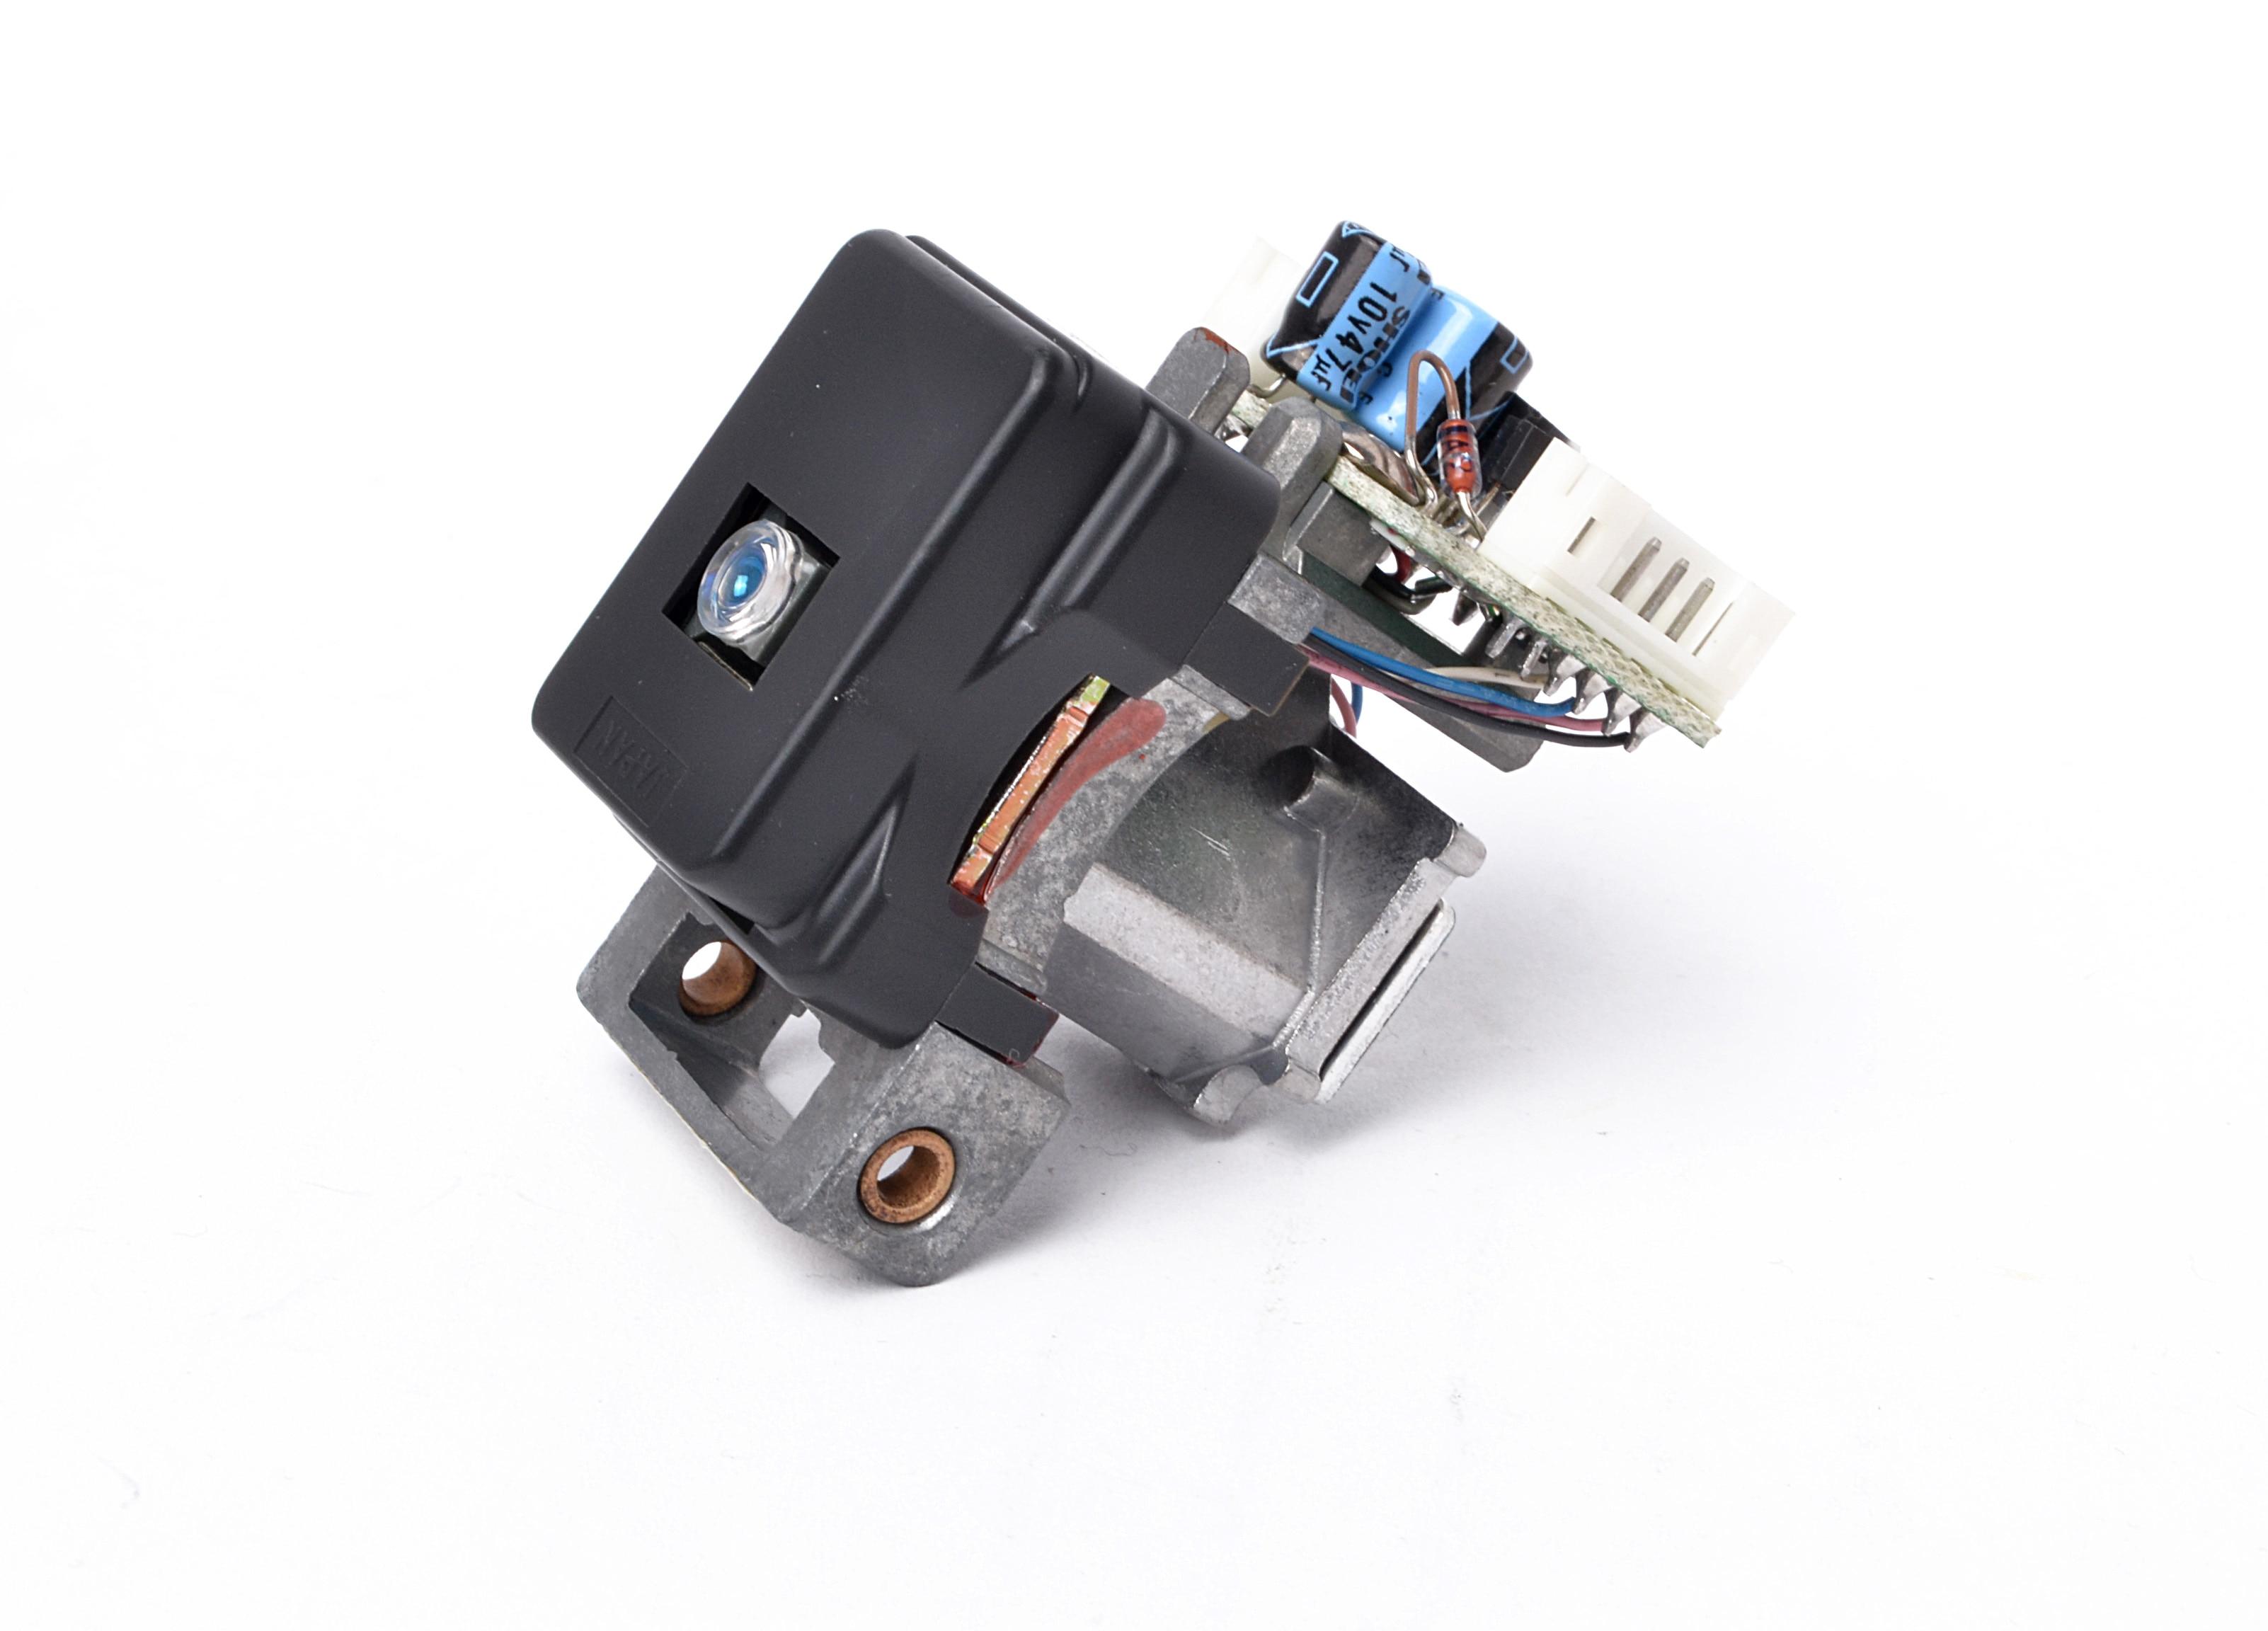 Repuesto Original para LUXMAN DZ-92, reproductor de CD, Lasereinheit lente láser, ensamblaje...